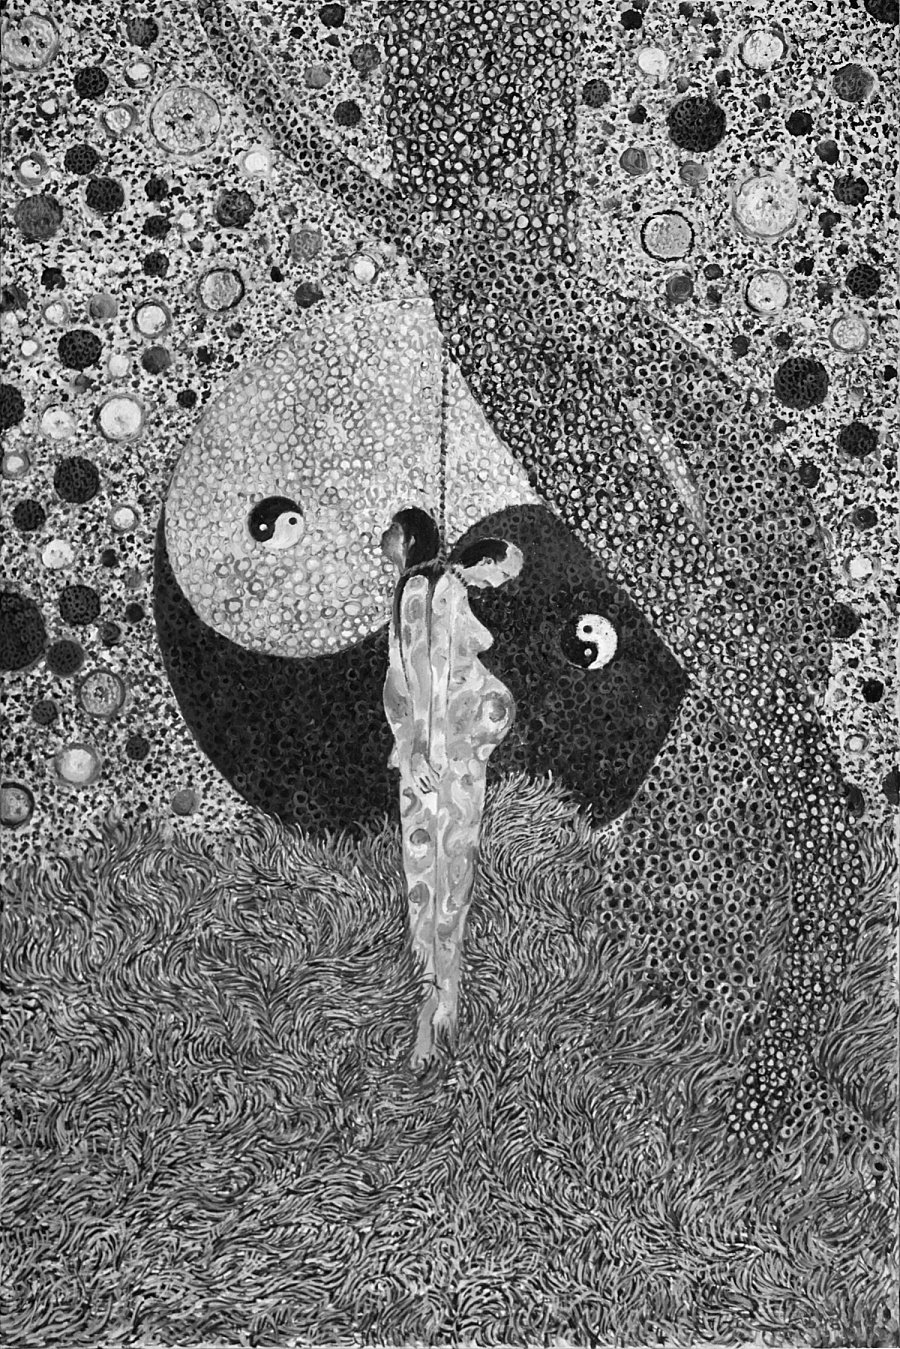 查看《《渡·门》系列最新作品》原图,原图尺寸:1500x2248